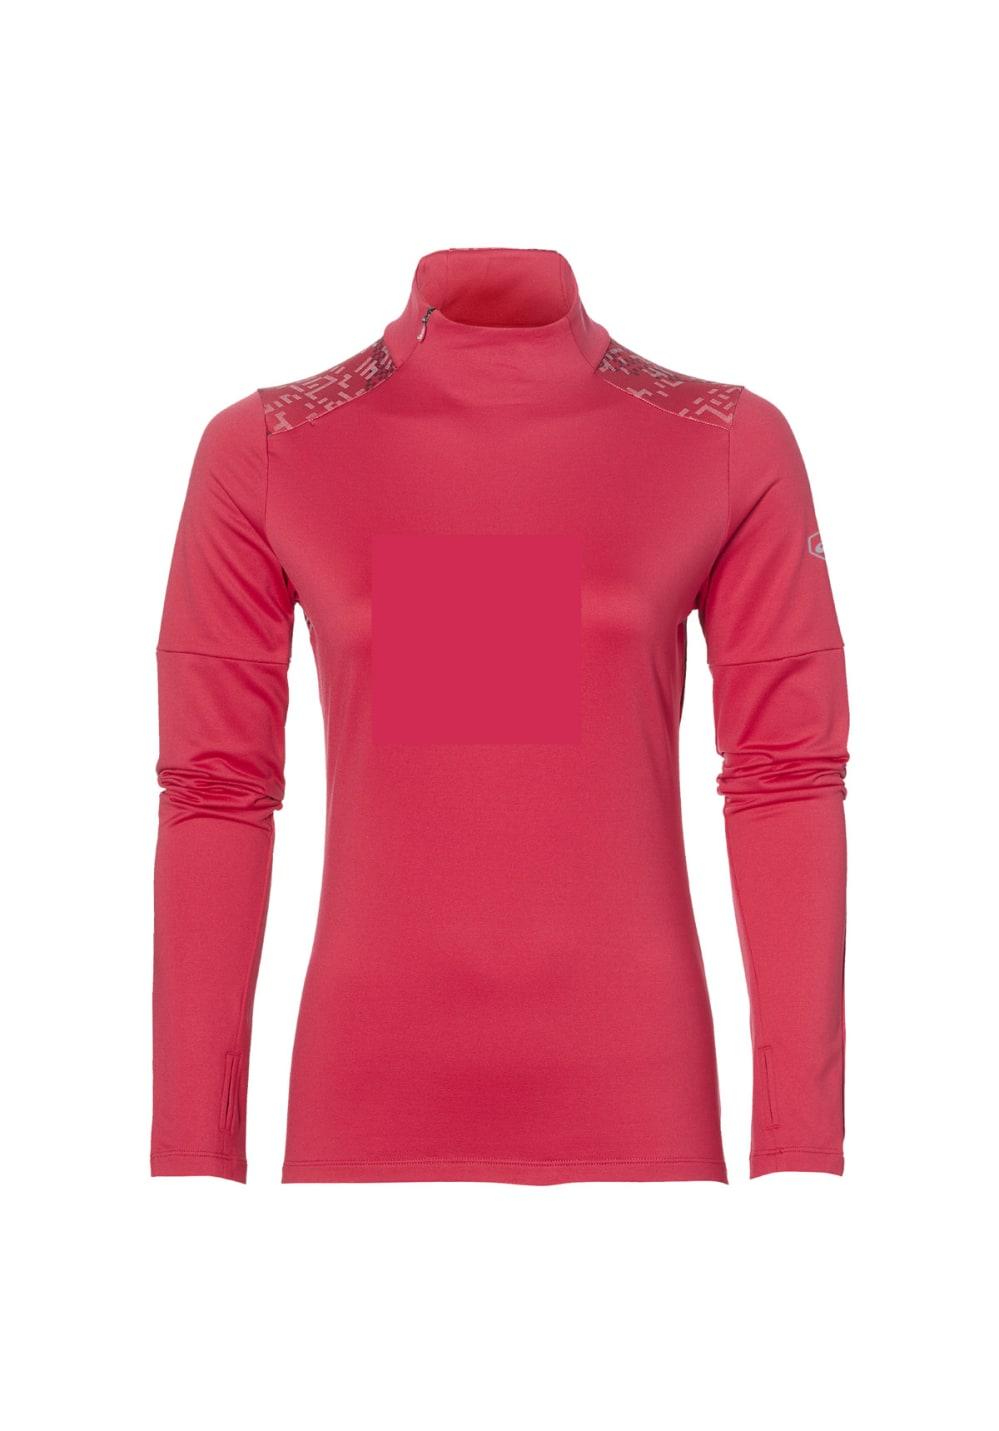 ASICS Lite-Show Winter Long Sleeve - Laufshirts für Damen - Rot